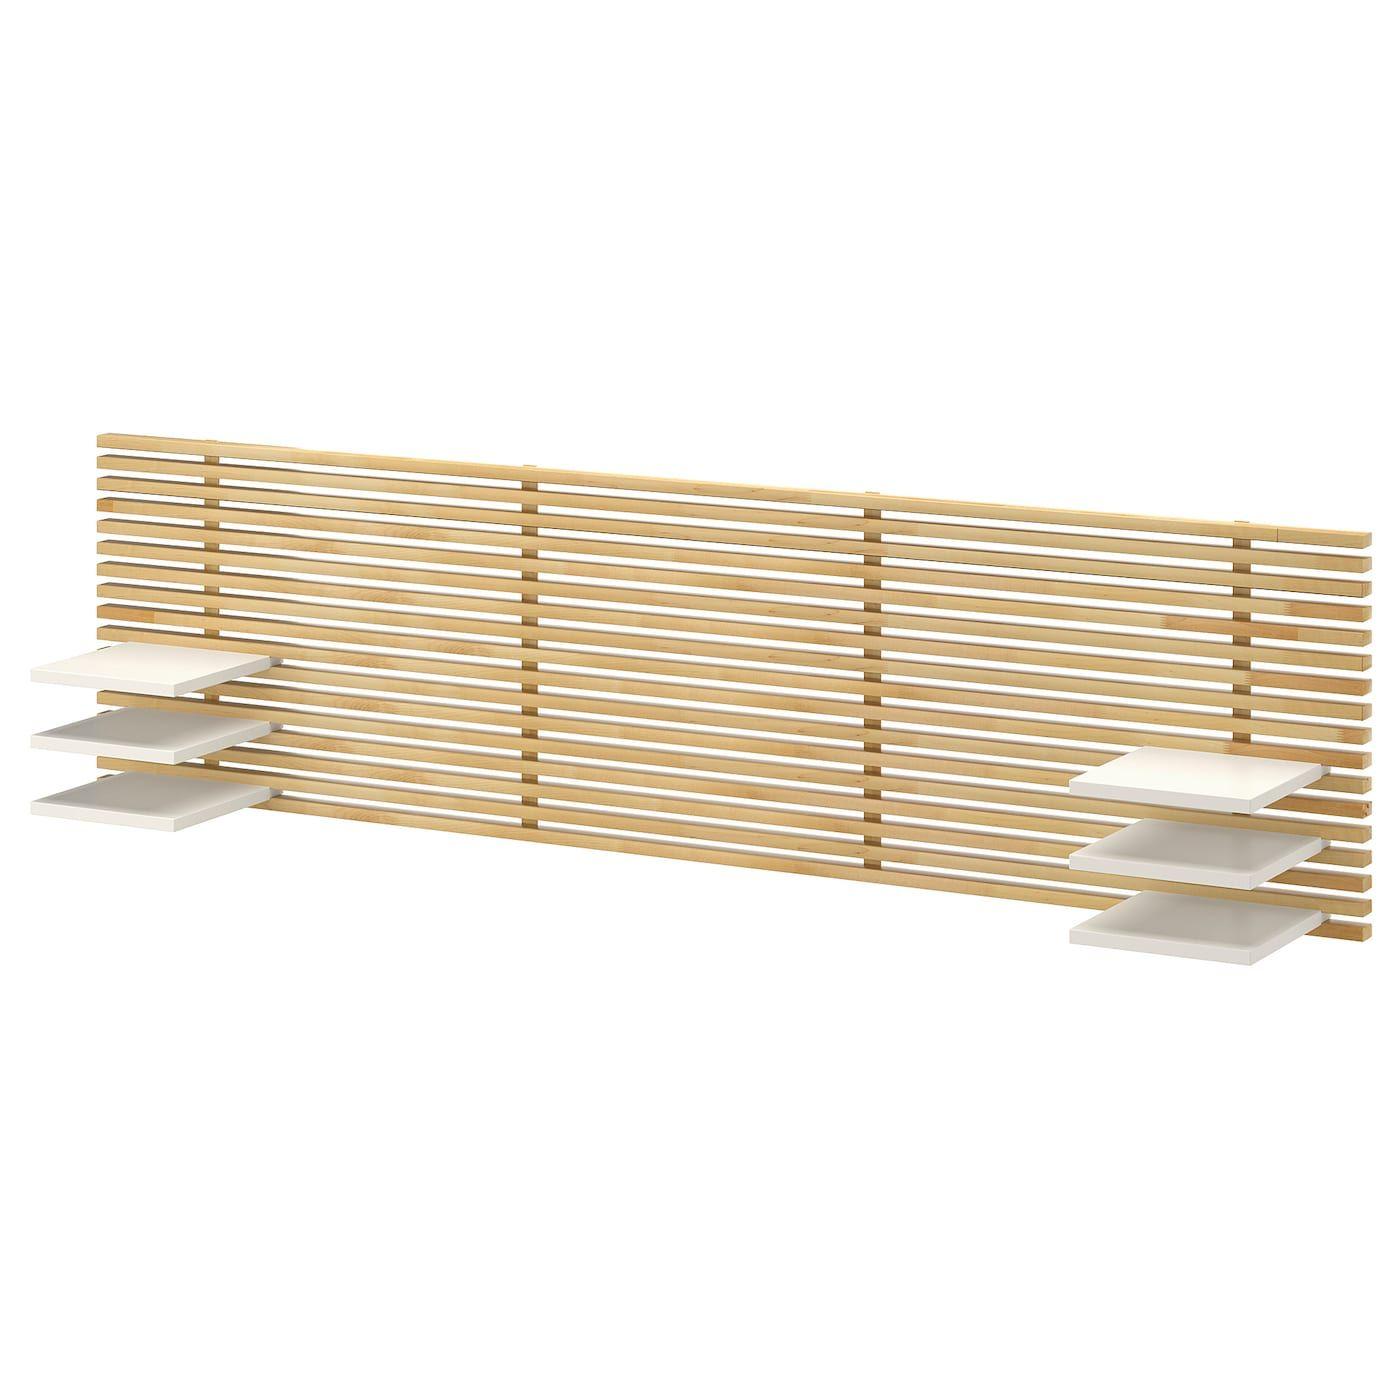 Tete De Lit Ikea Bois mandal tête de lit - bouleau, blanc 240 cm | tête de lit